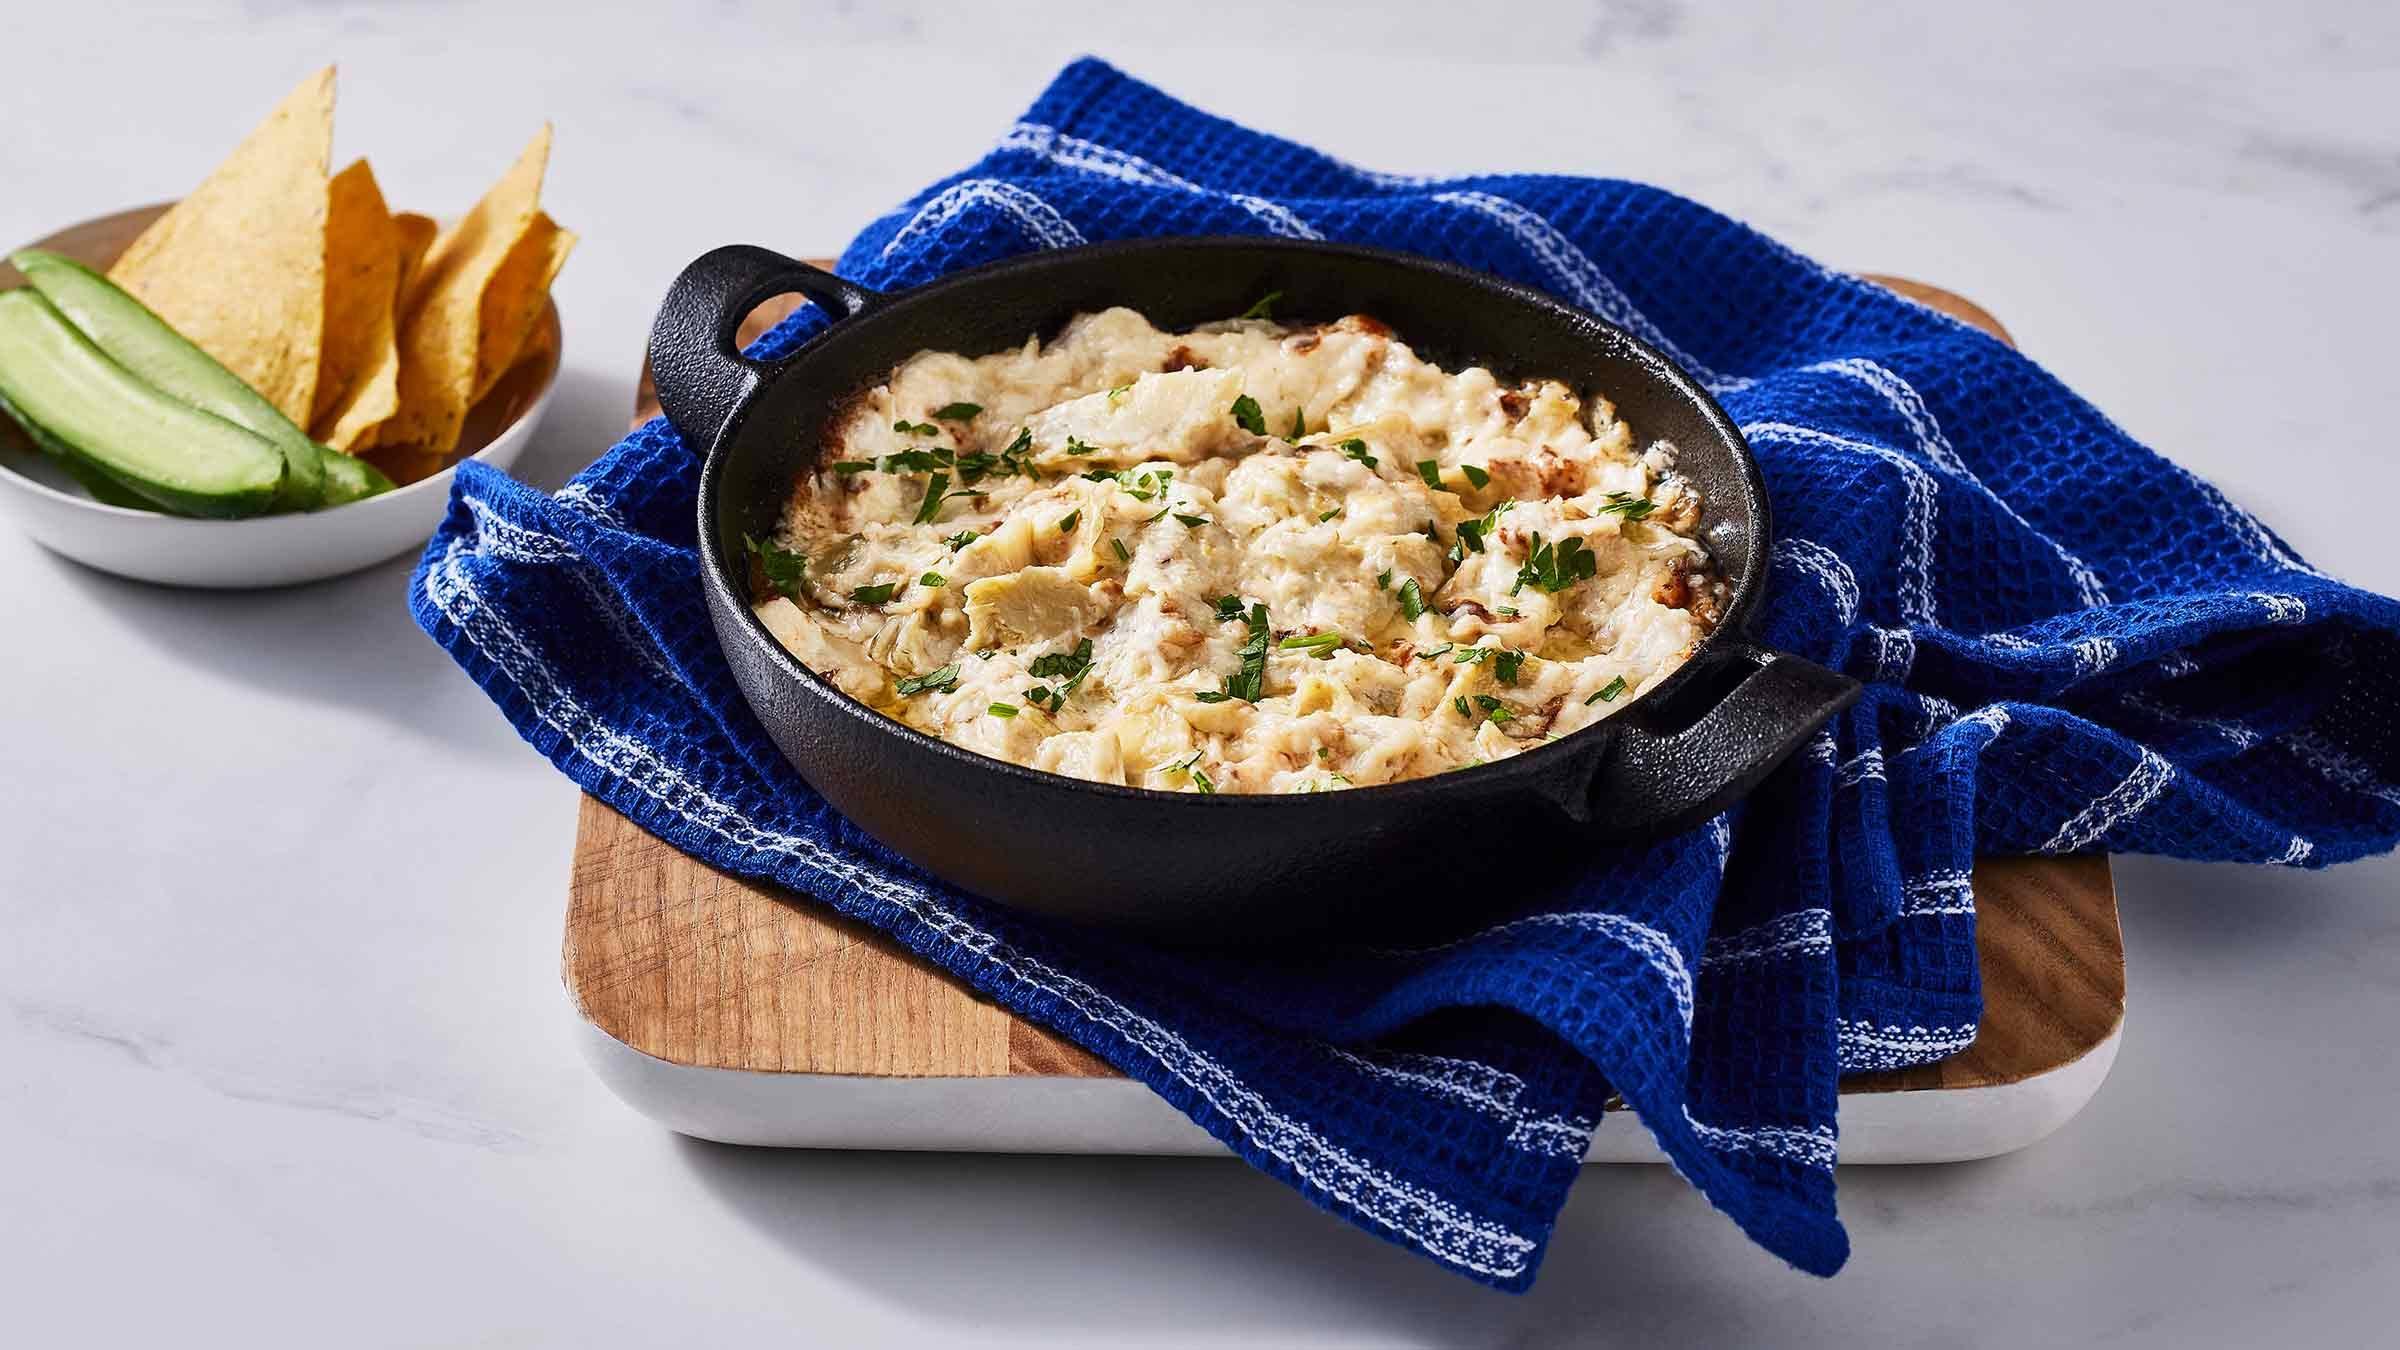 Creamy Hot Artichoke Dip Recipe